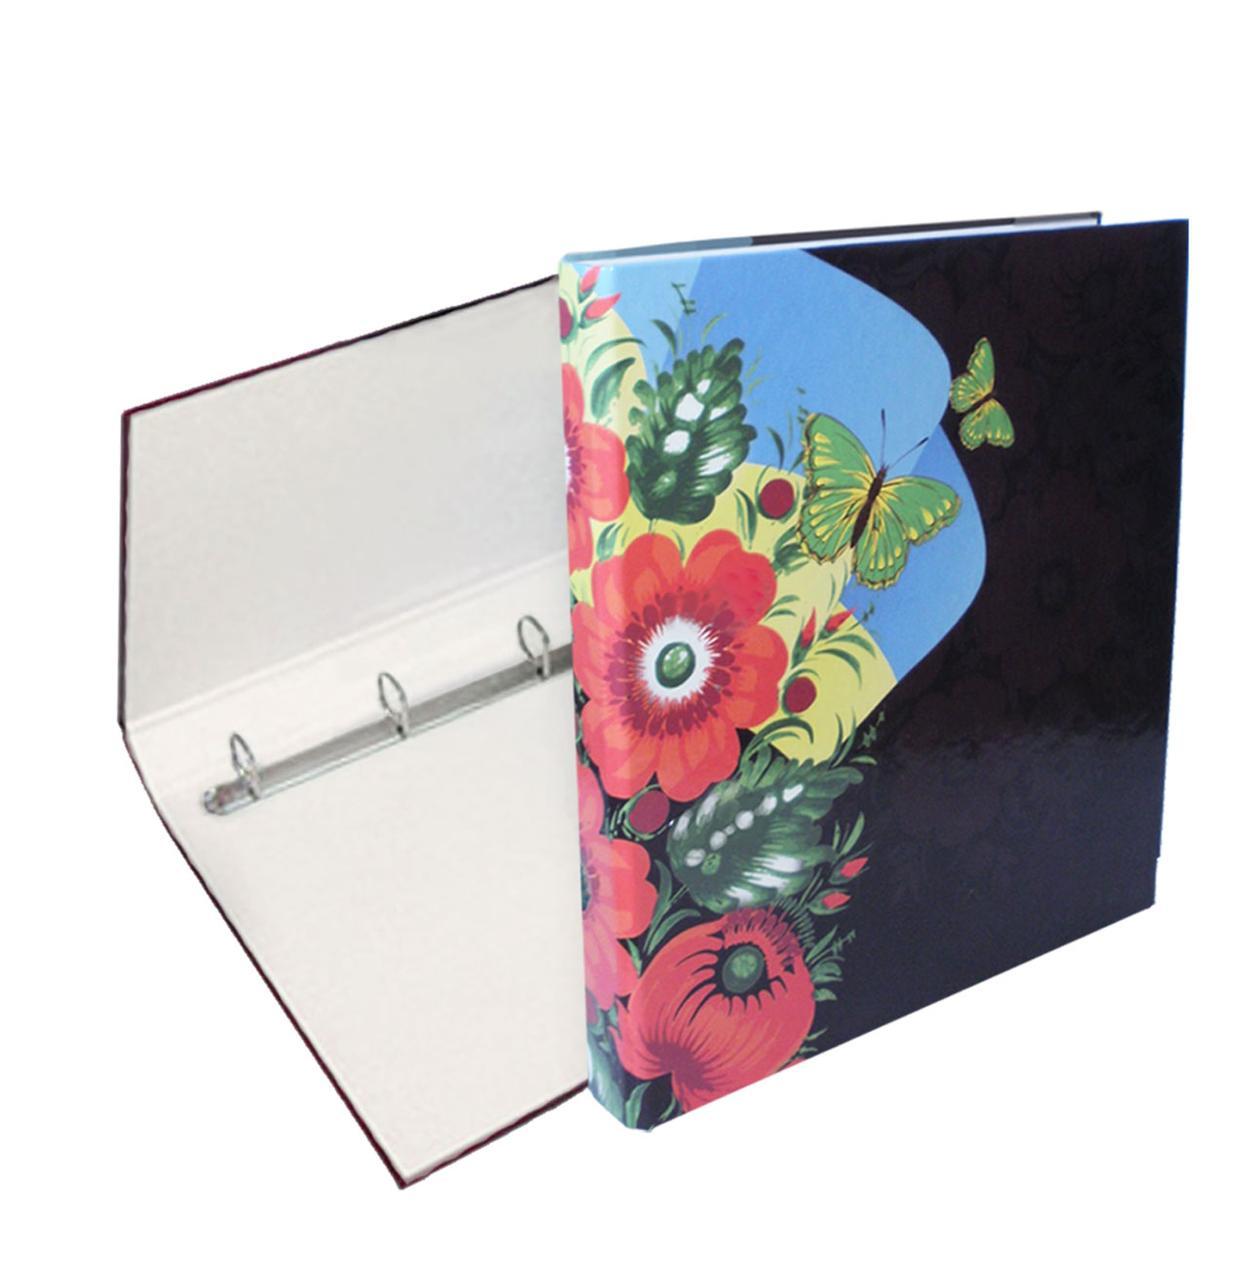 Папка с кольцами, 4 кольца, А4, 25 мм, полноцветная, PP-покрытие